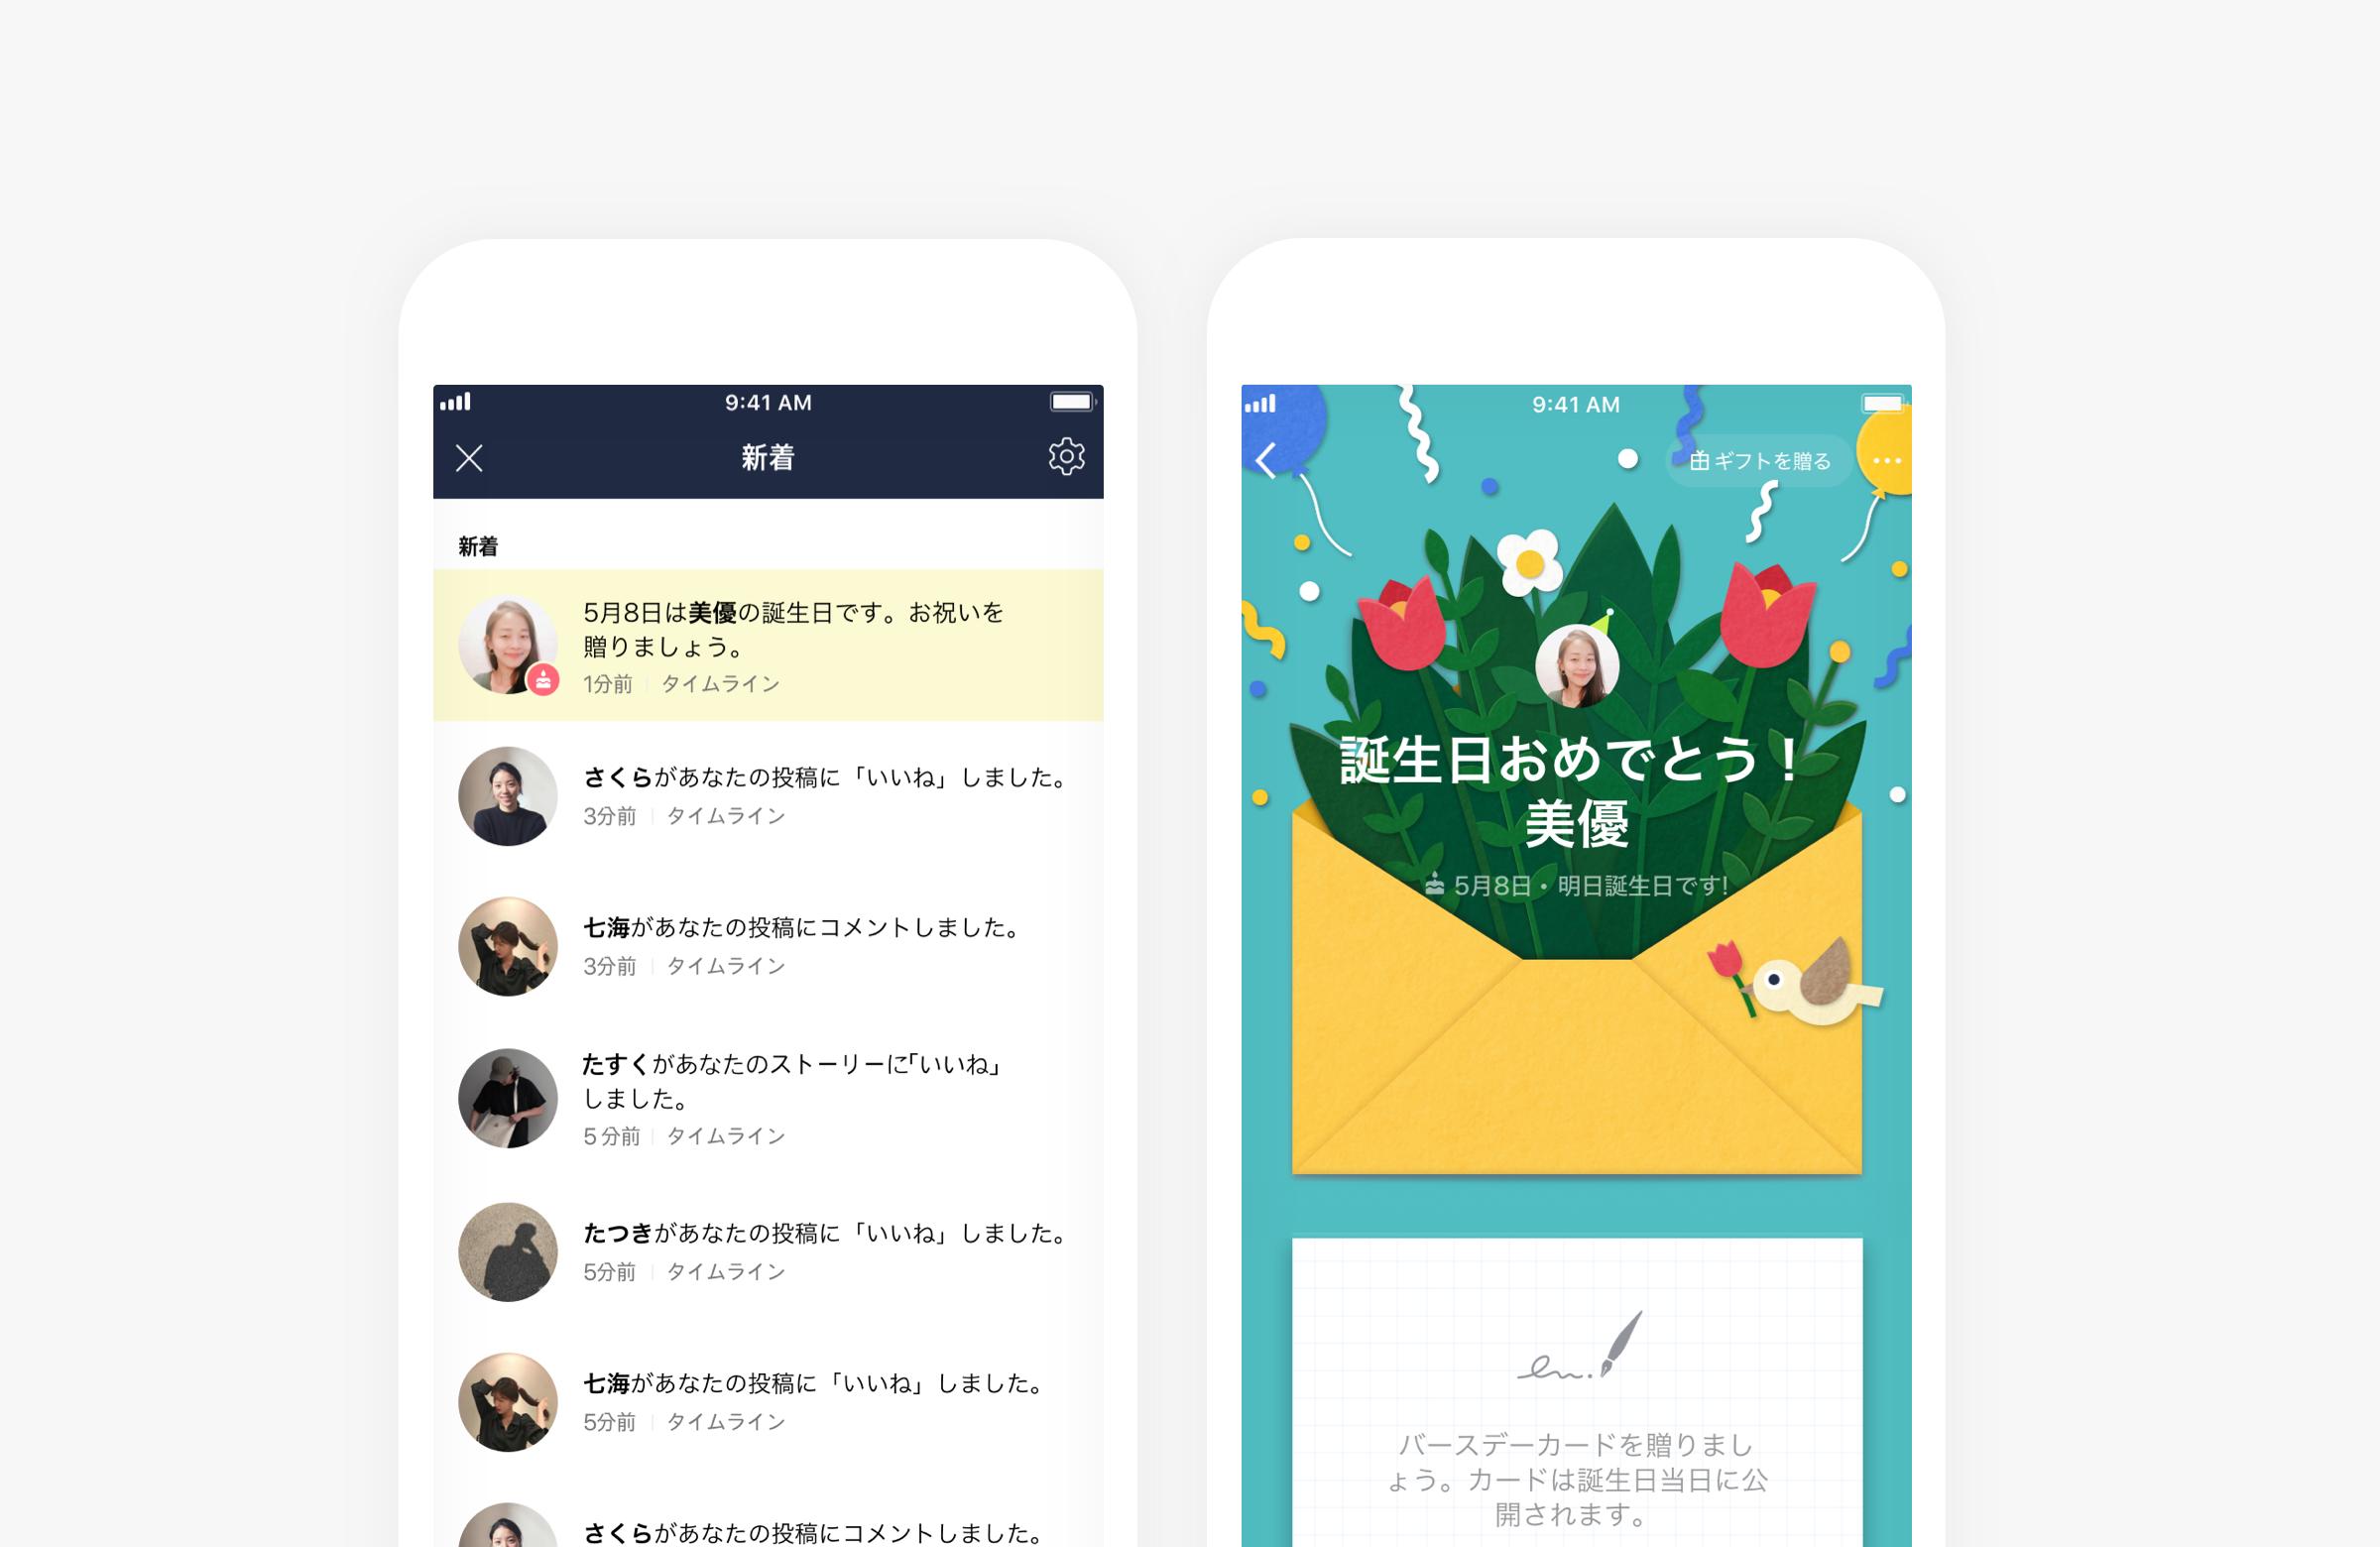 カード ライン 返信 バースデー 【Facebookの誕生日コメント】メッセージ返信のコツ11選